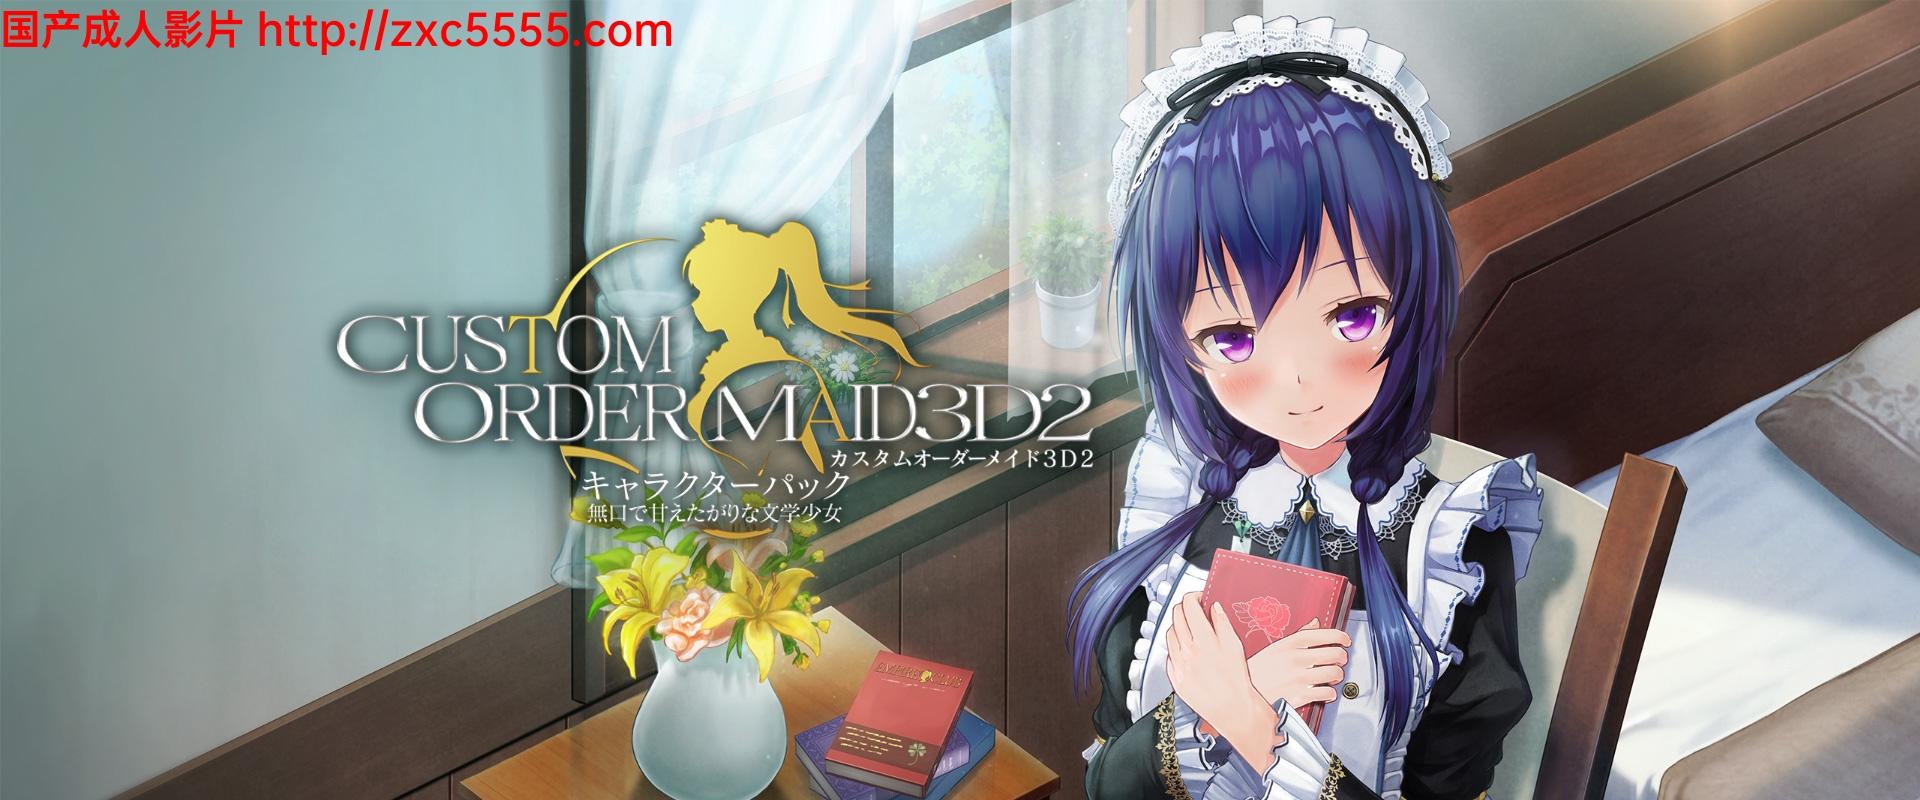 【3D/中文/全动态】[4k画质] 3D定制女仆2.5强化版 V1.31.2 整合版【8月新版/43G】